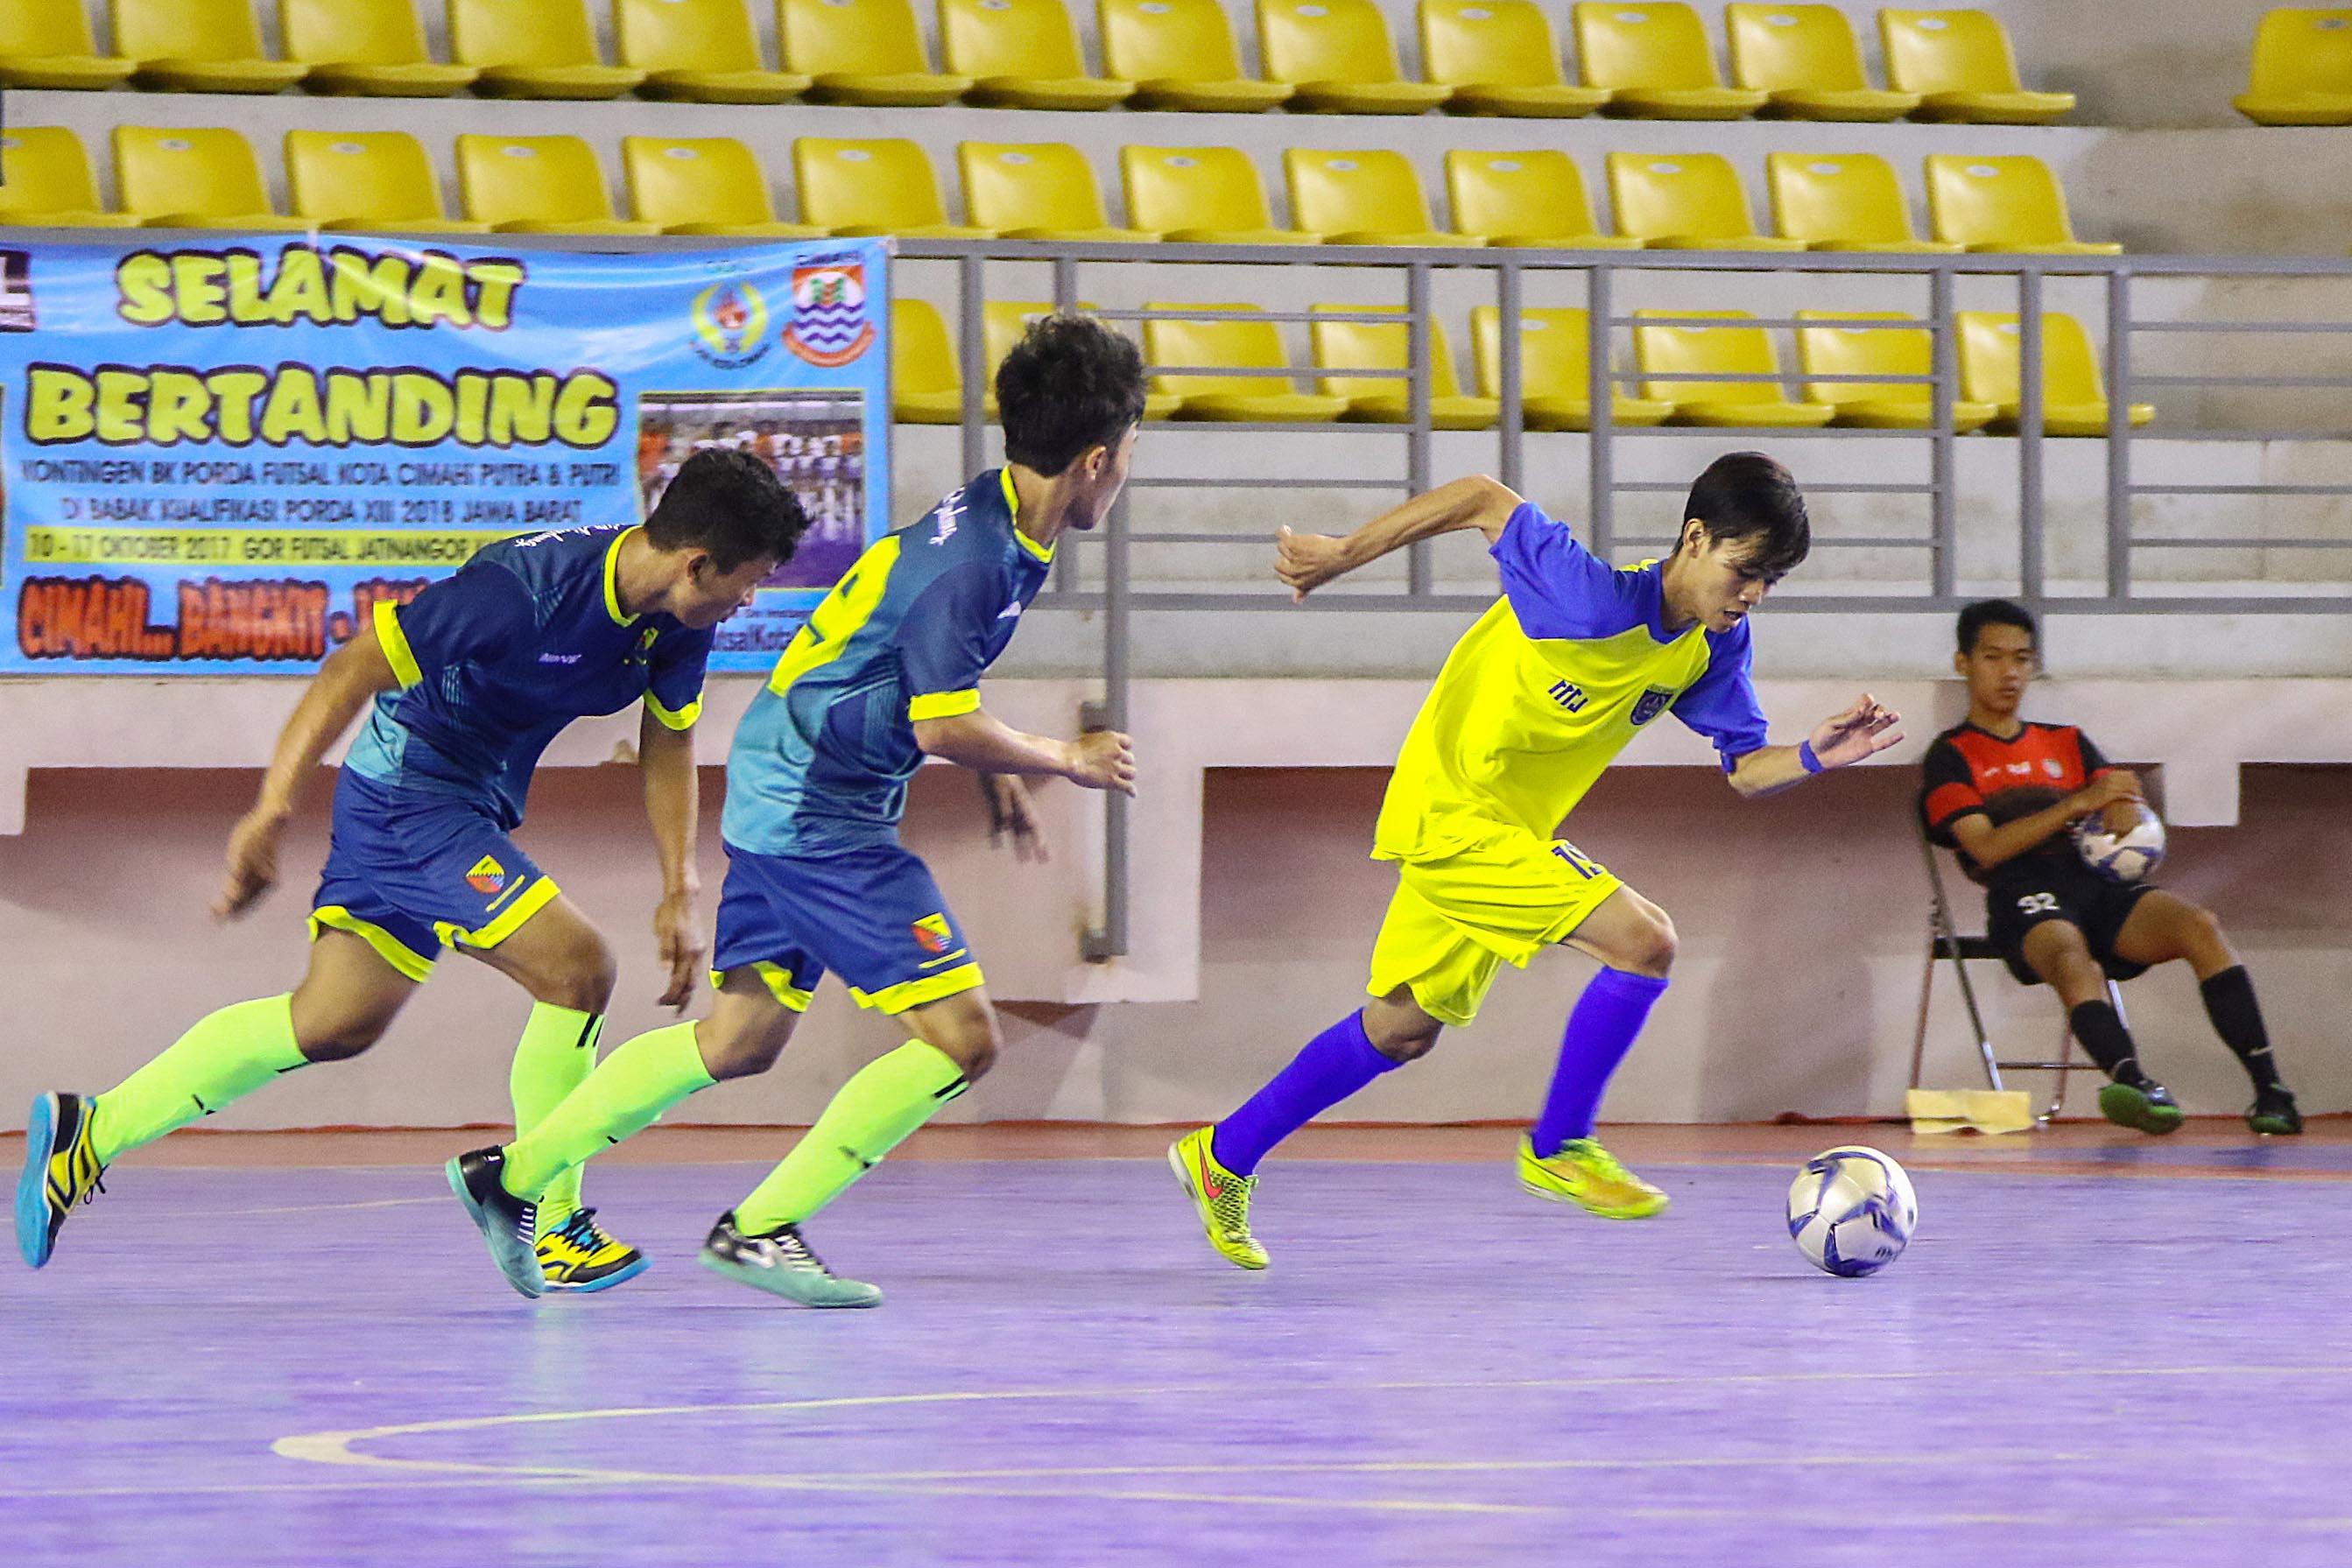 Atlet Futsal Kota Depok (kuning) sedang berusaha melewati pemain Kab. Bandung (hijau, biru). Foto: Faruqi.